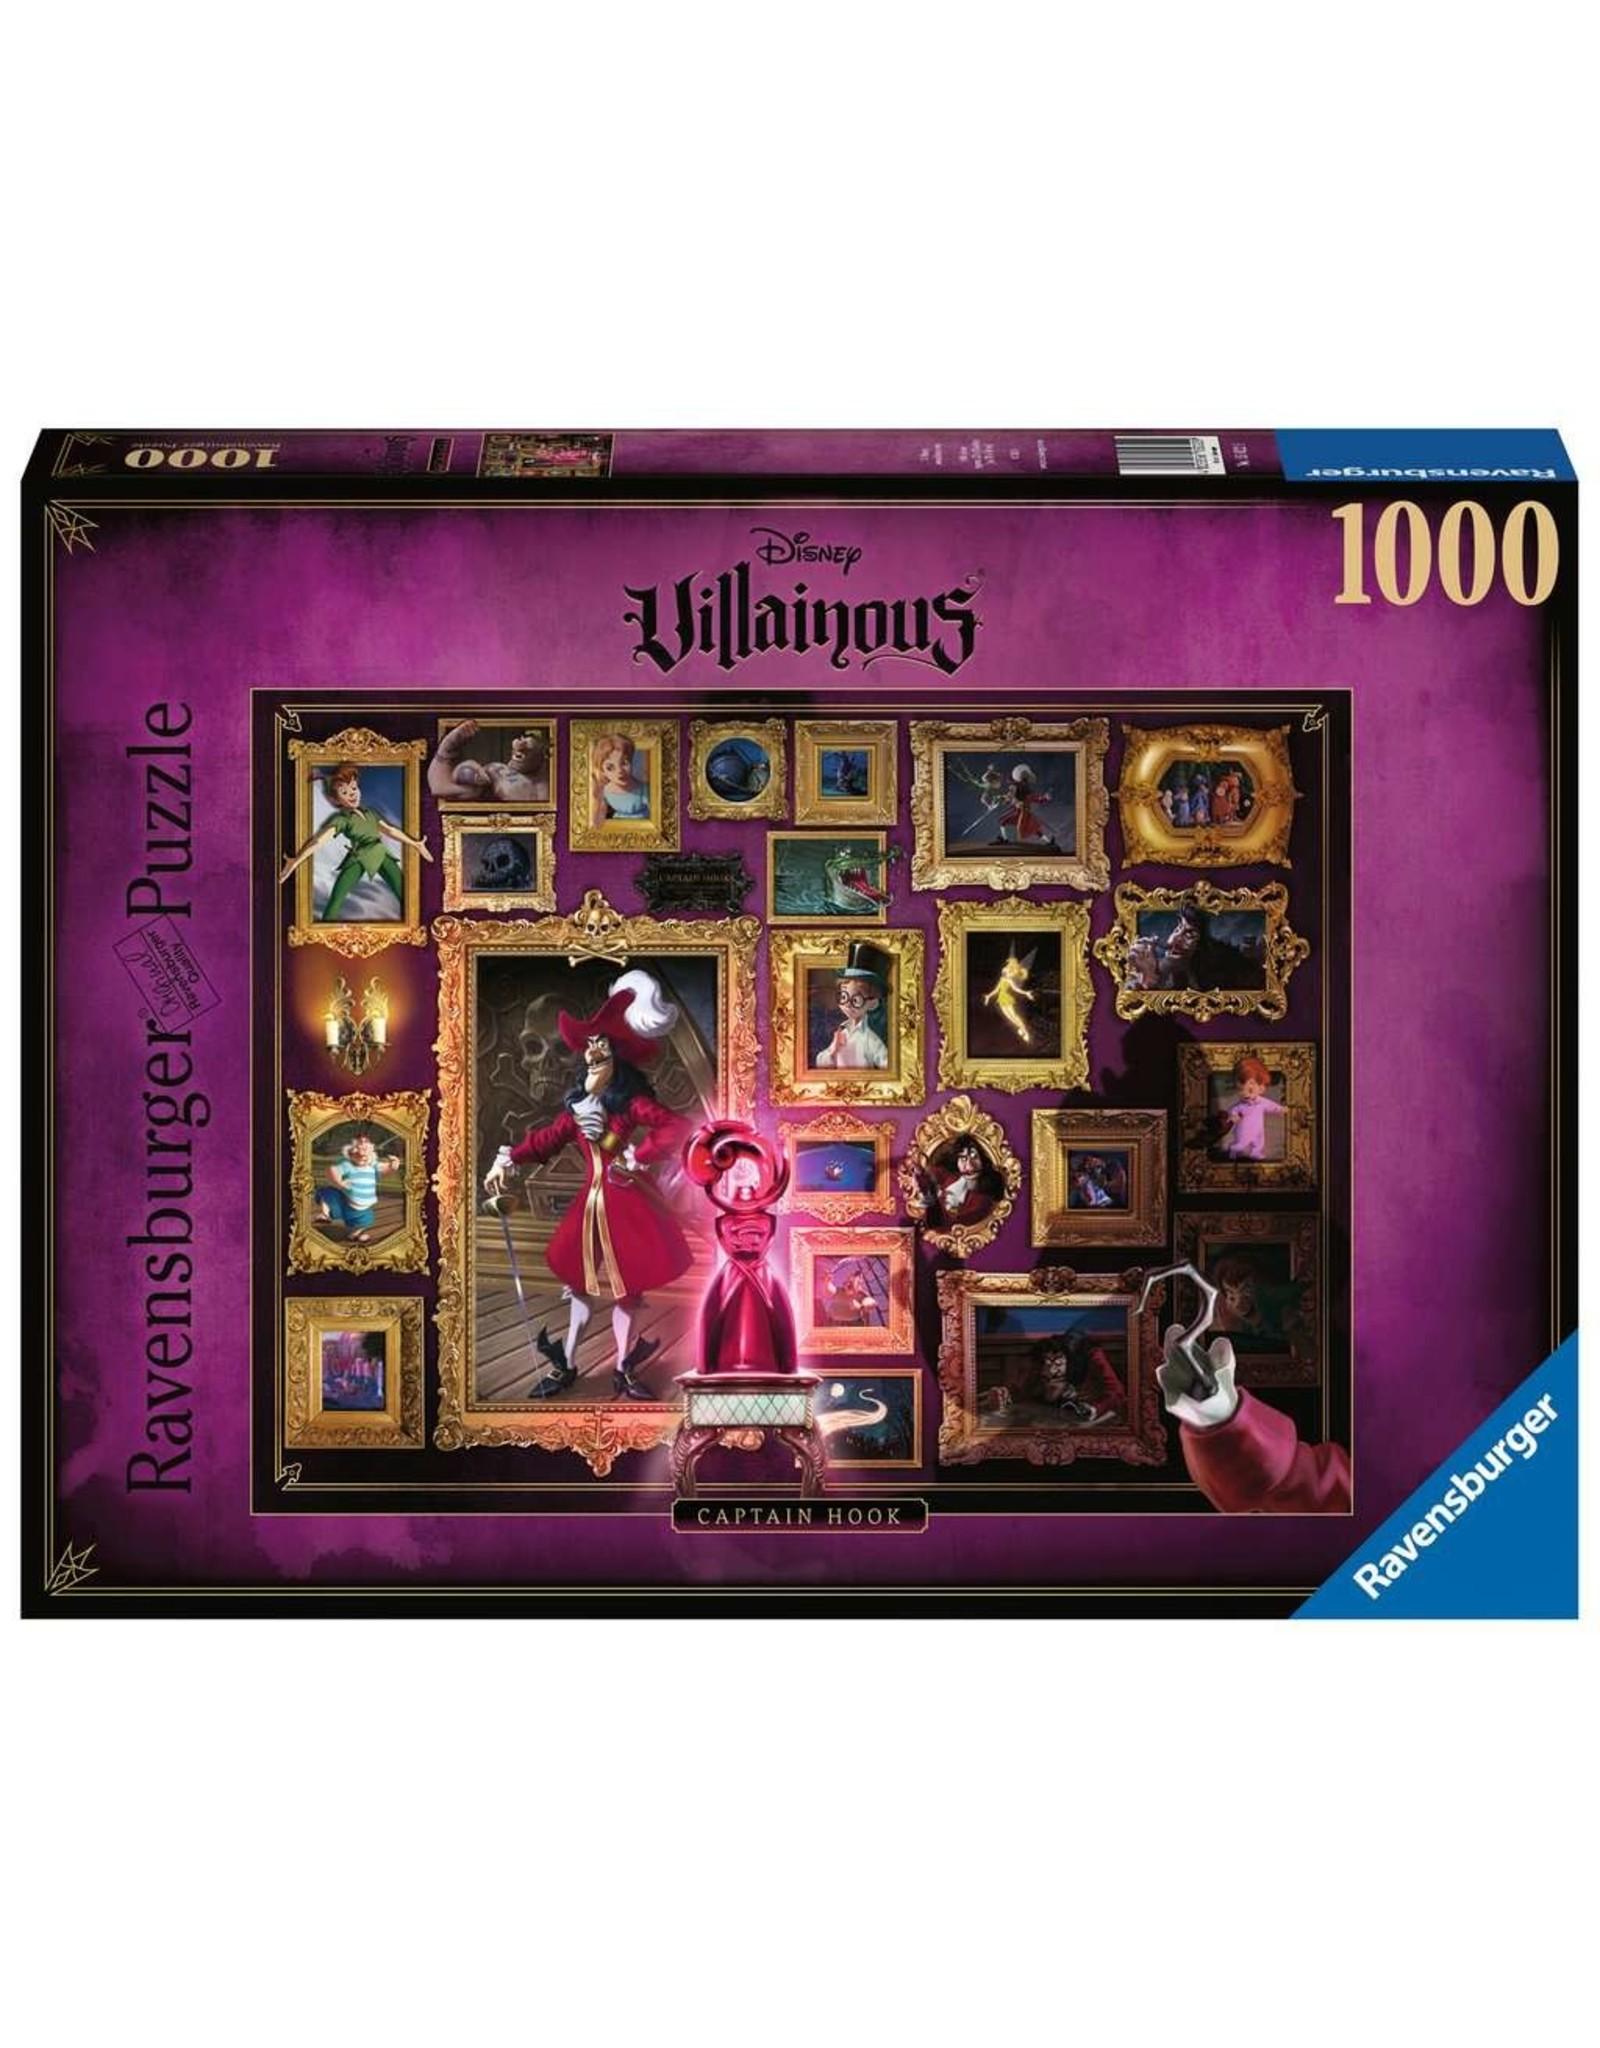 Ravensburger Disney Villainous Captain Hook 1000pc Puzzle